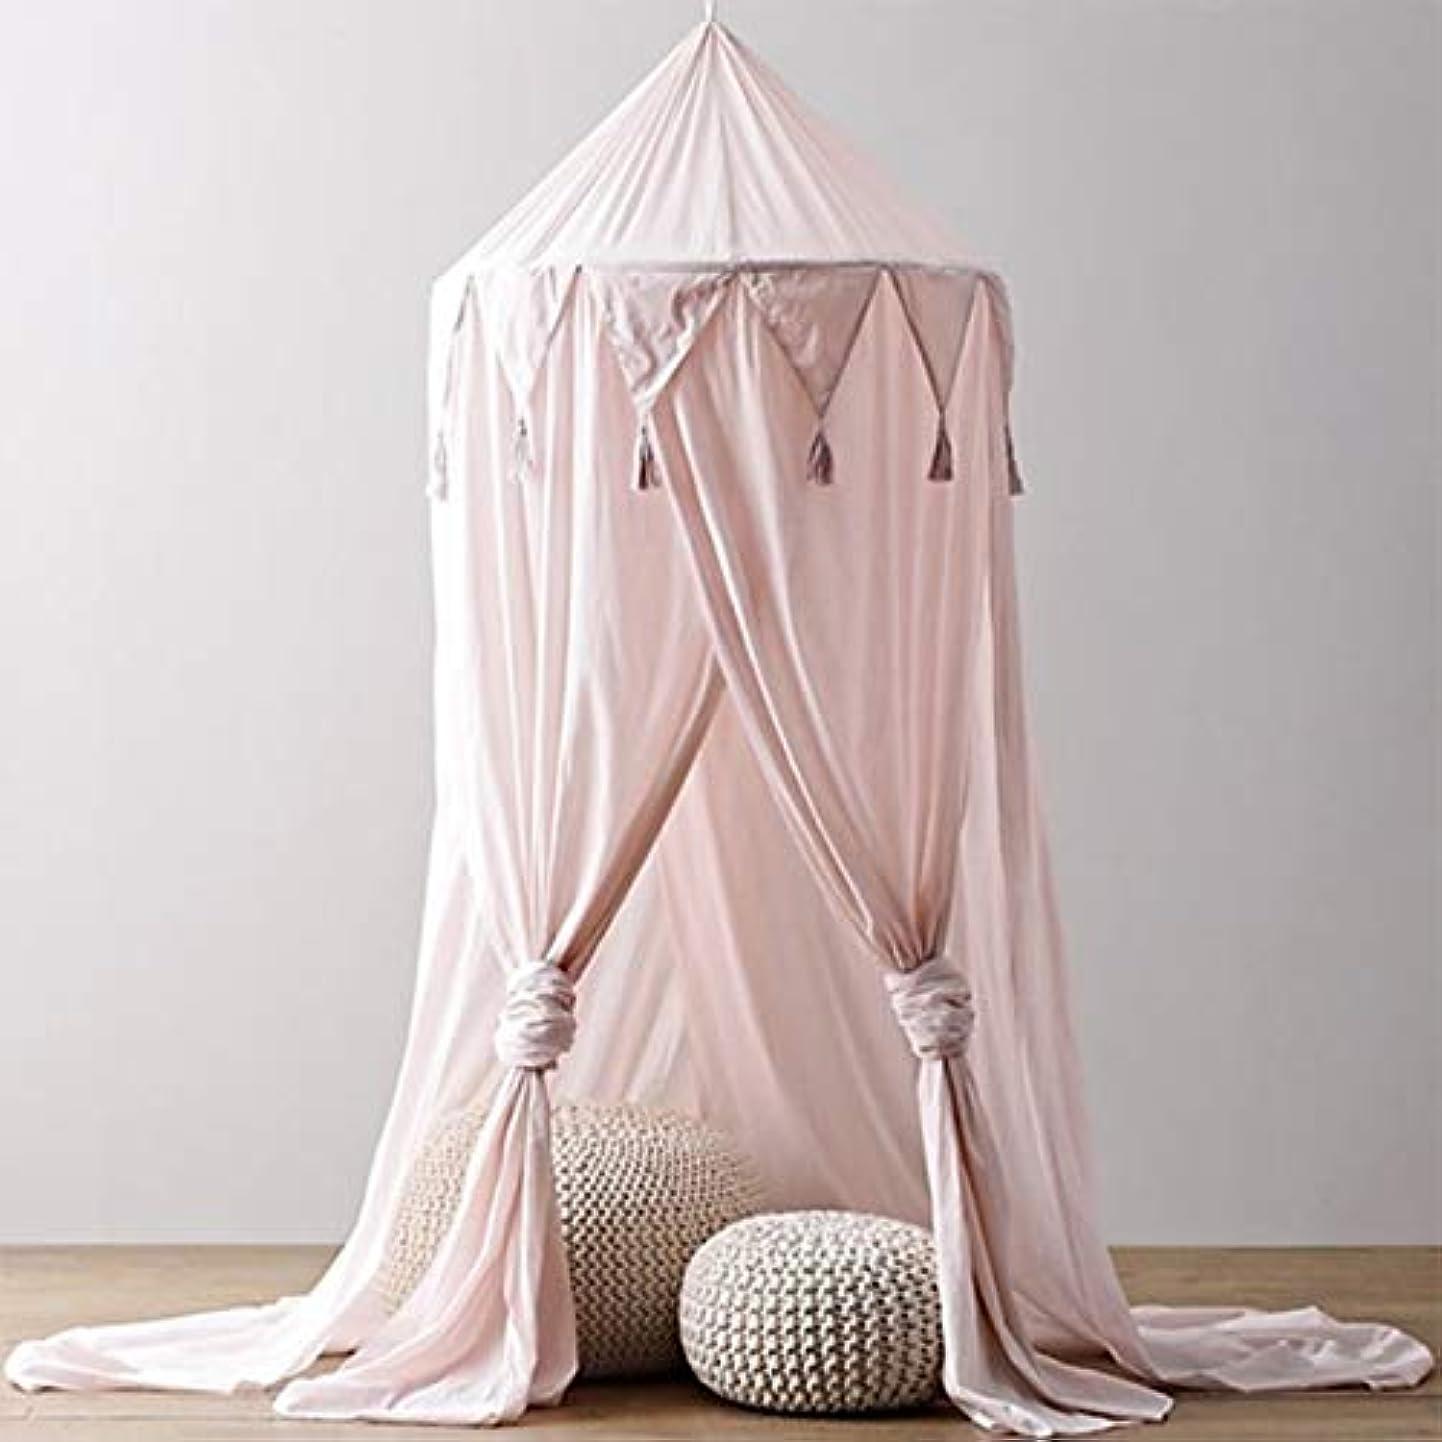 望む気怠い感度子供ベビーベッドキャノピーベッドカバー蚊帳カーテン寝具ラウンドドームテント